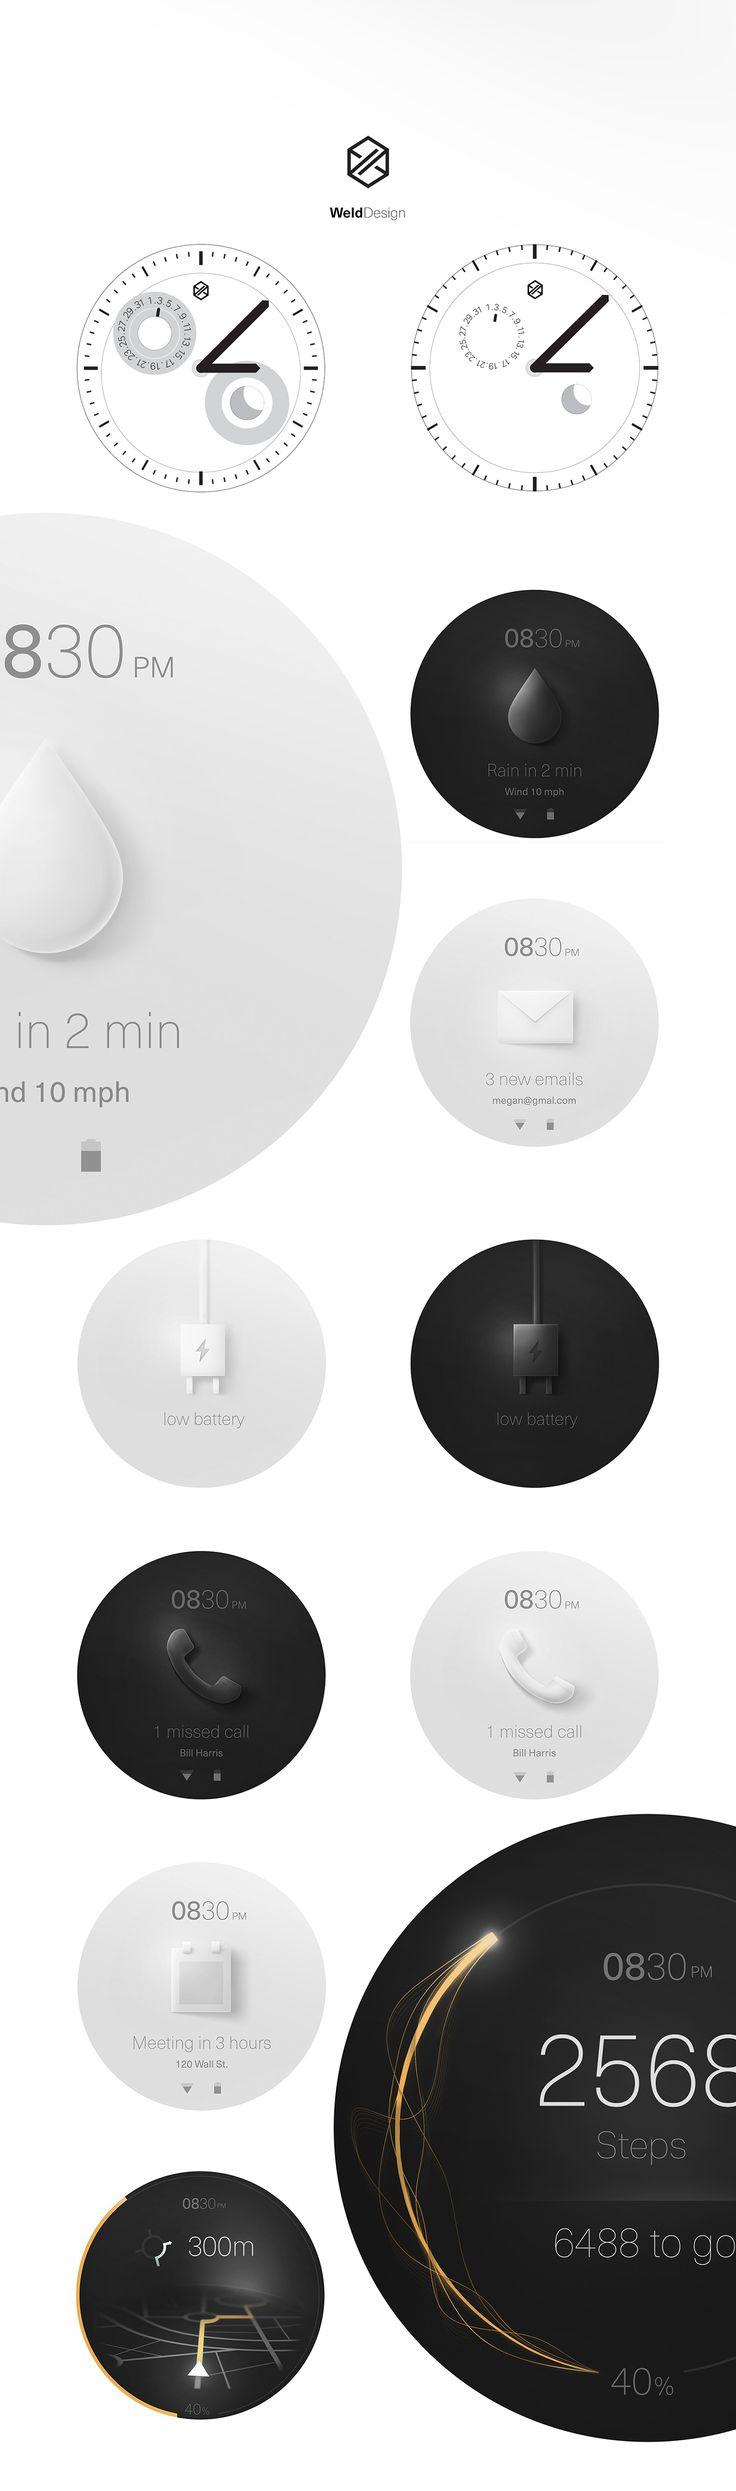 UI 디자인 - 부드럽게 입체감을 준 효과가 어플을 구성했을 때 단조로운 느낌을 주지 않는것 같다.